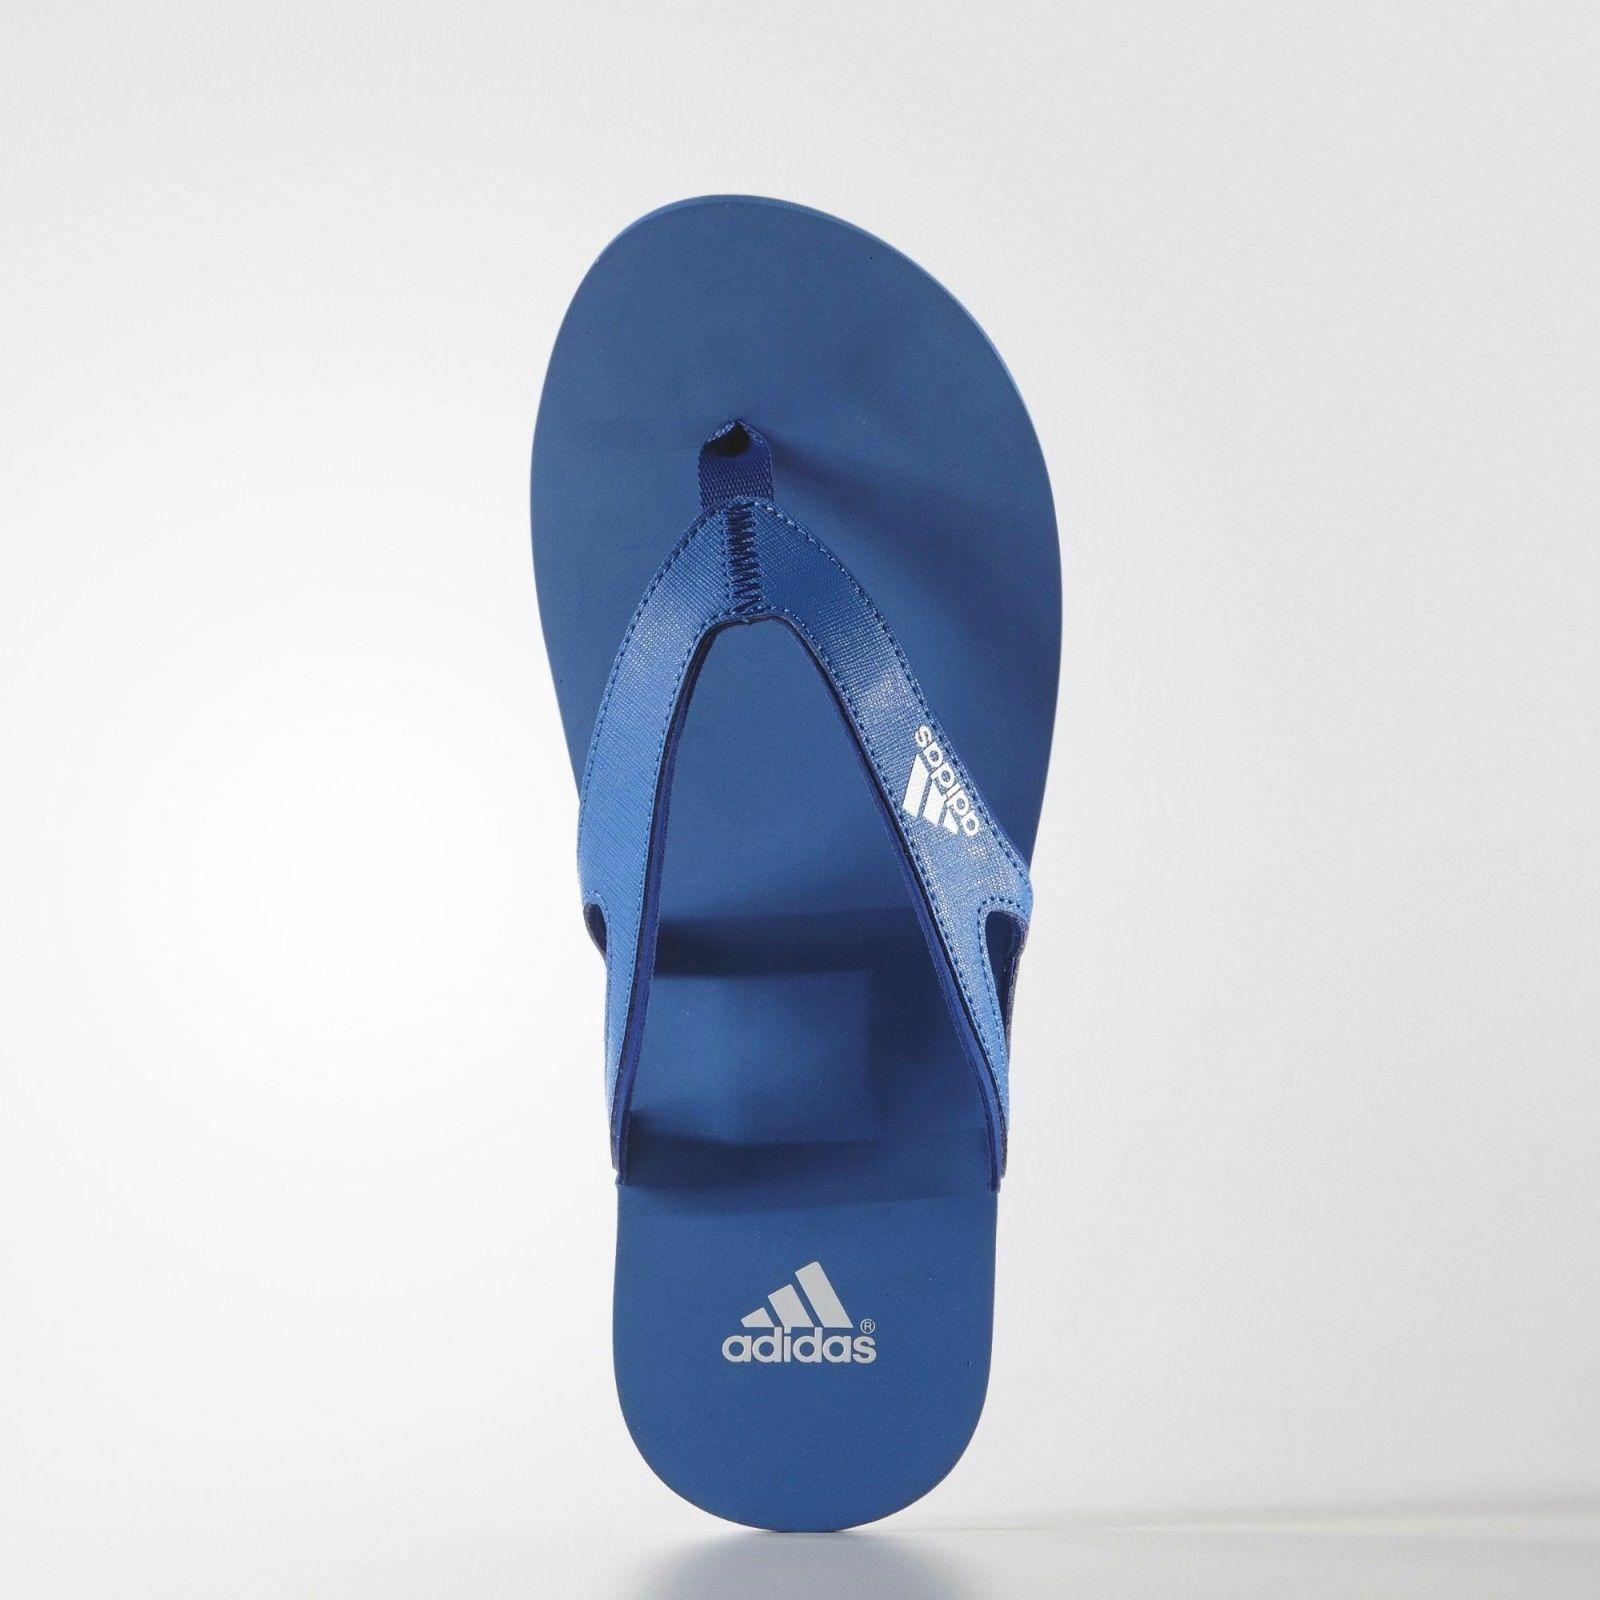 adidas Mens Calo 5 Flip Flops Sandals Pool Beach Shoes Slides image 5